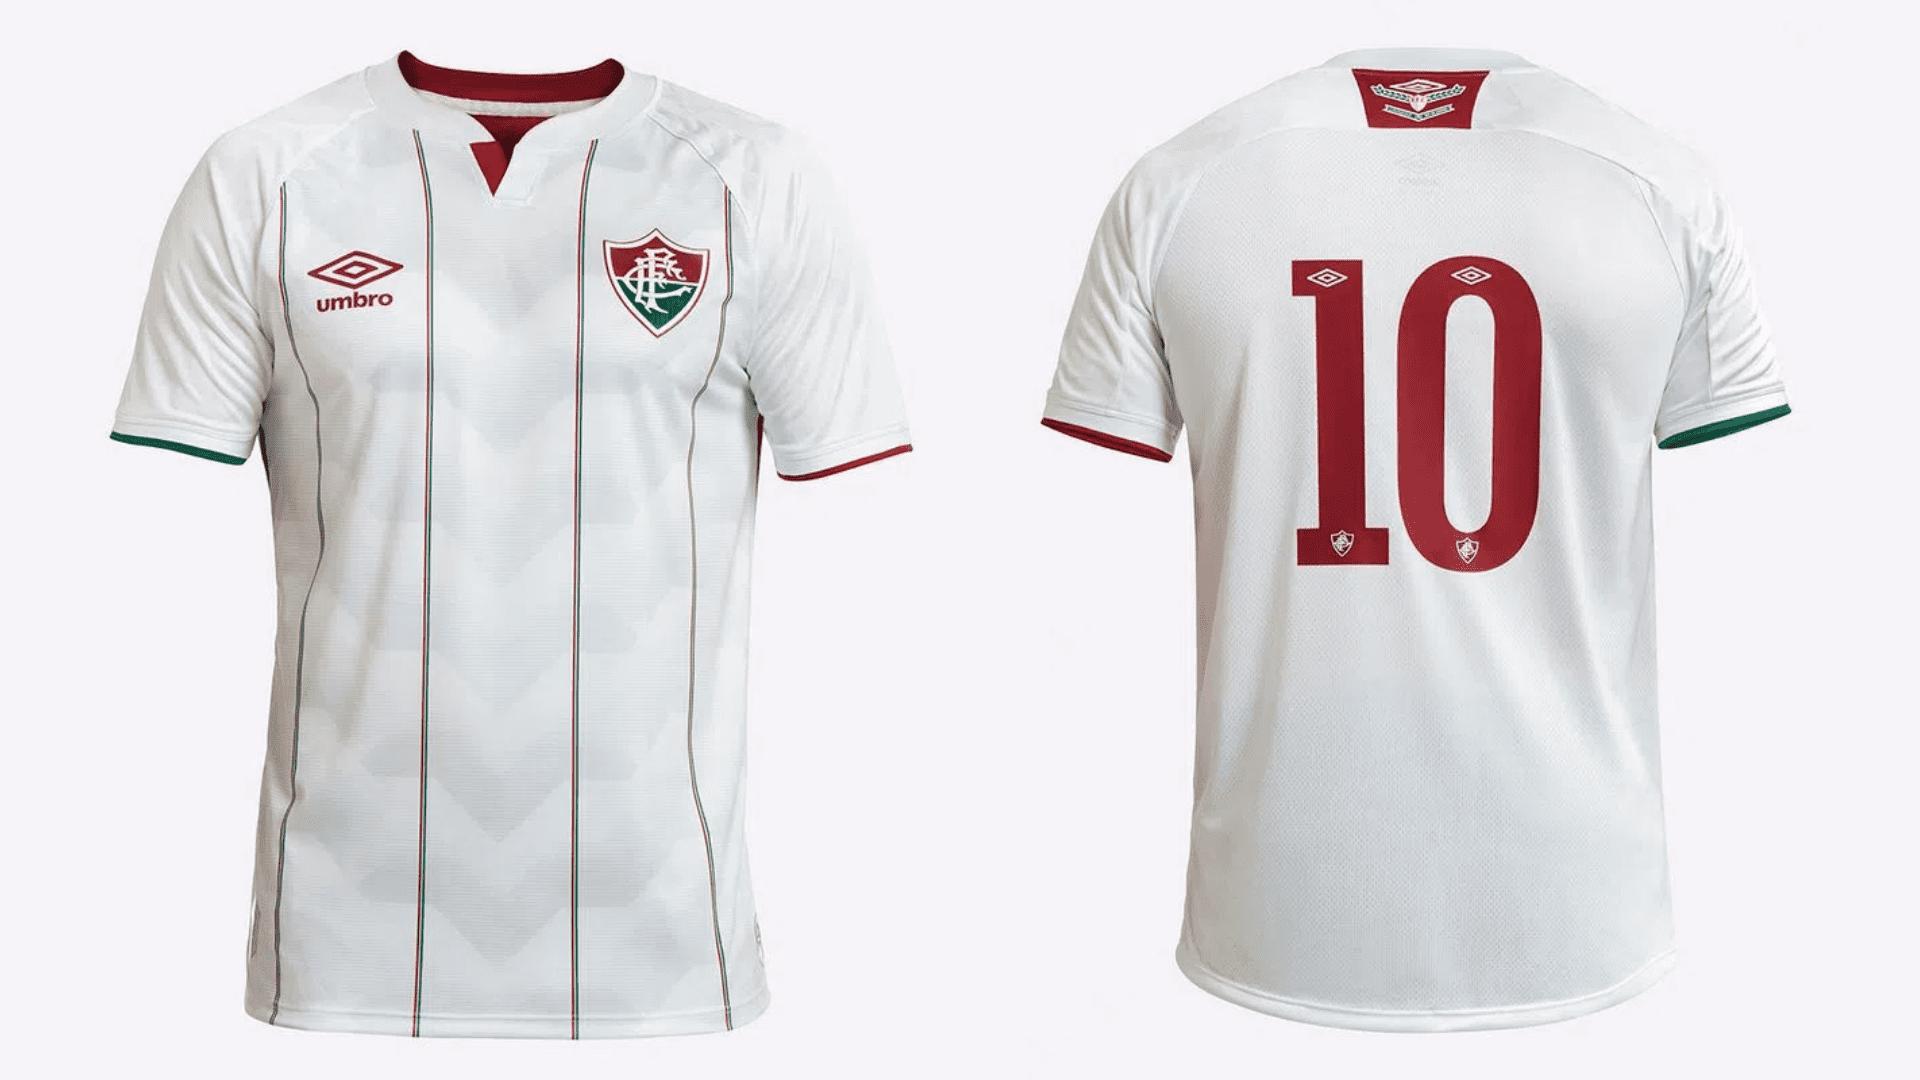 Camisa do Fluminense 2020 Umbro Jogo 2 (Imagem: Divulgação/Umbro)